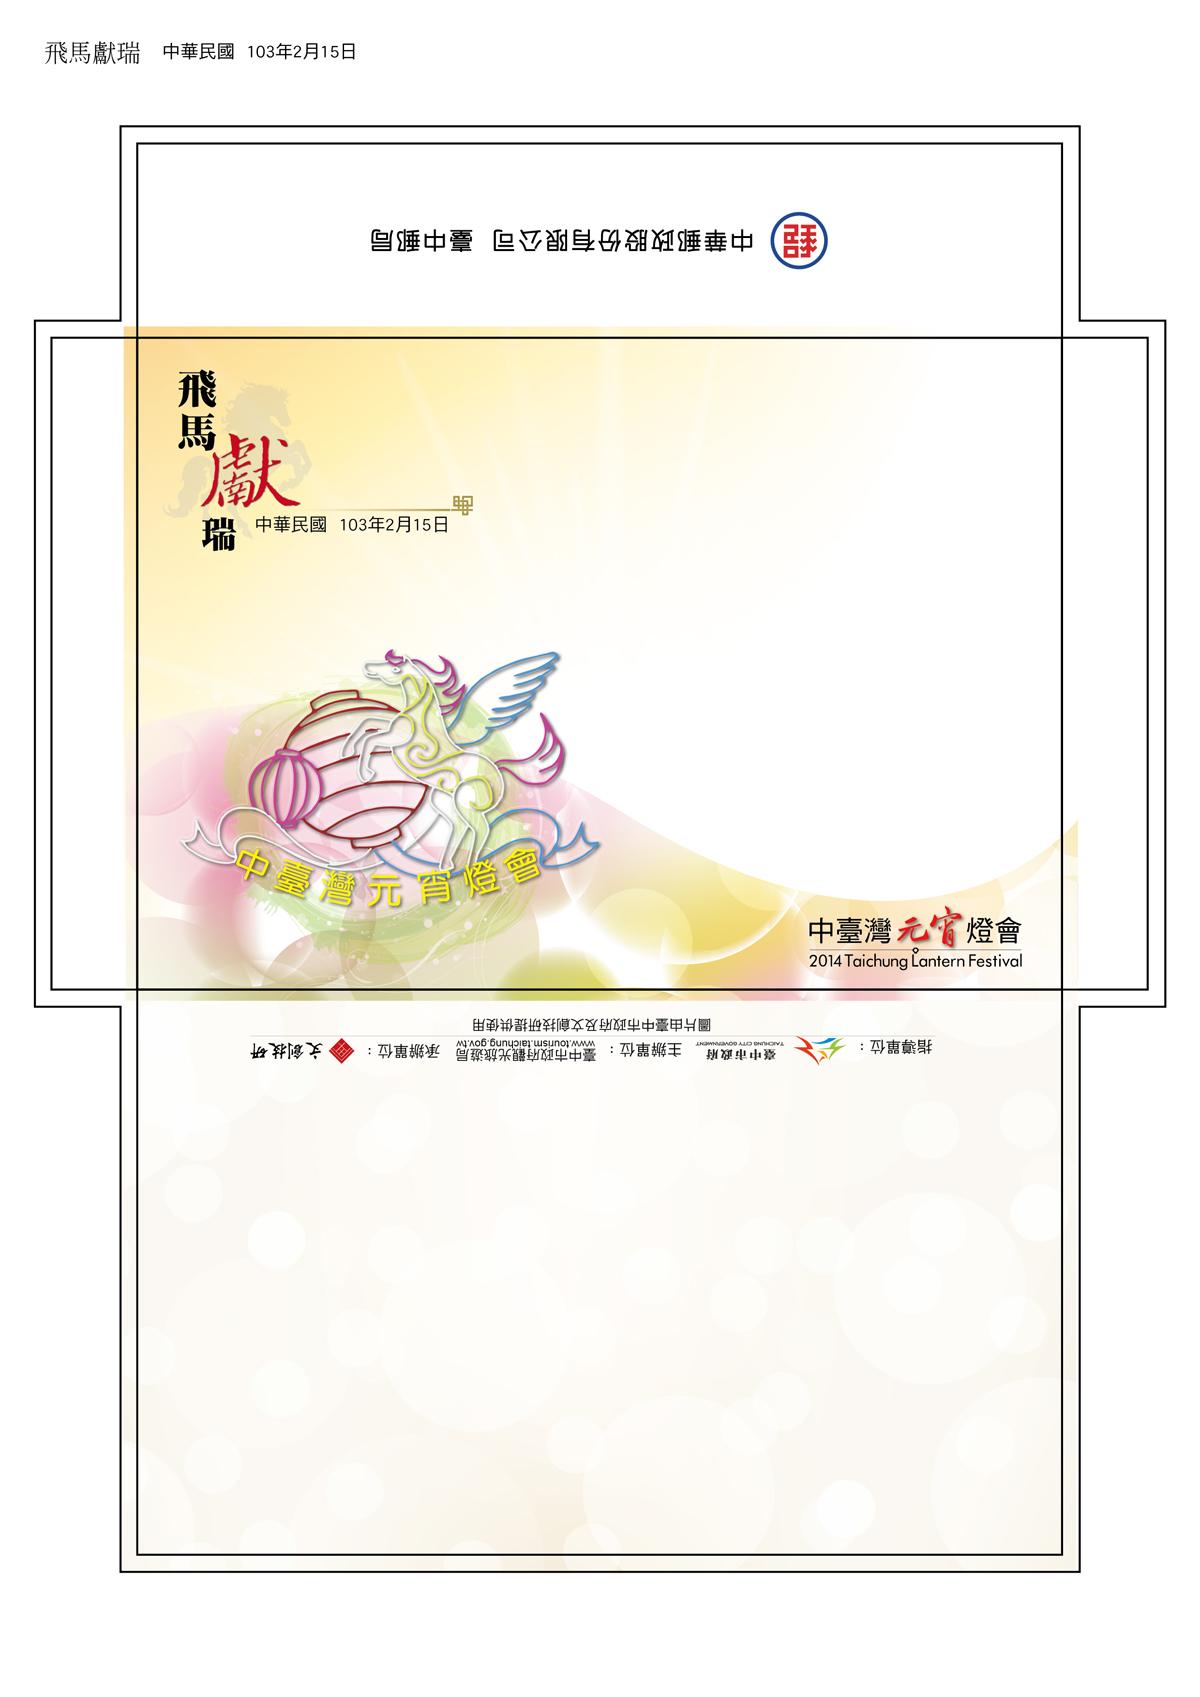 1030215-飛馬獻瑞台中燈會局贈封封